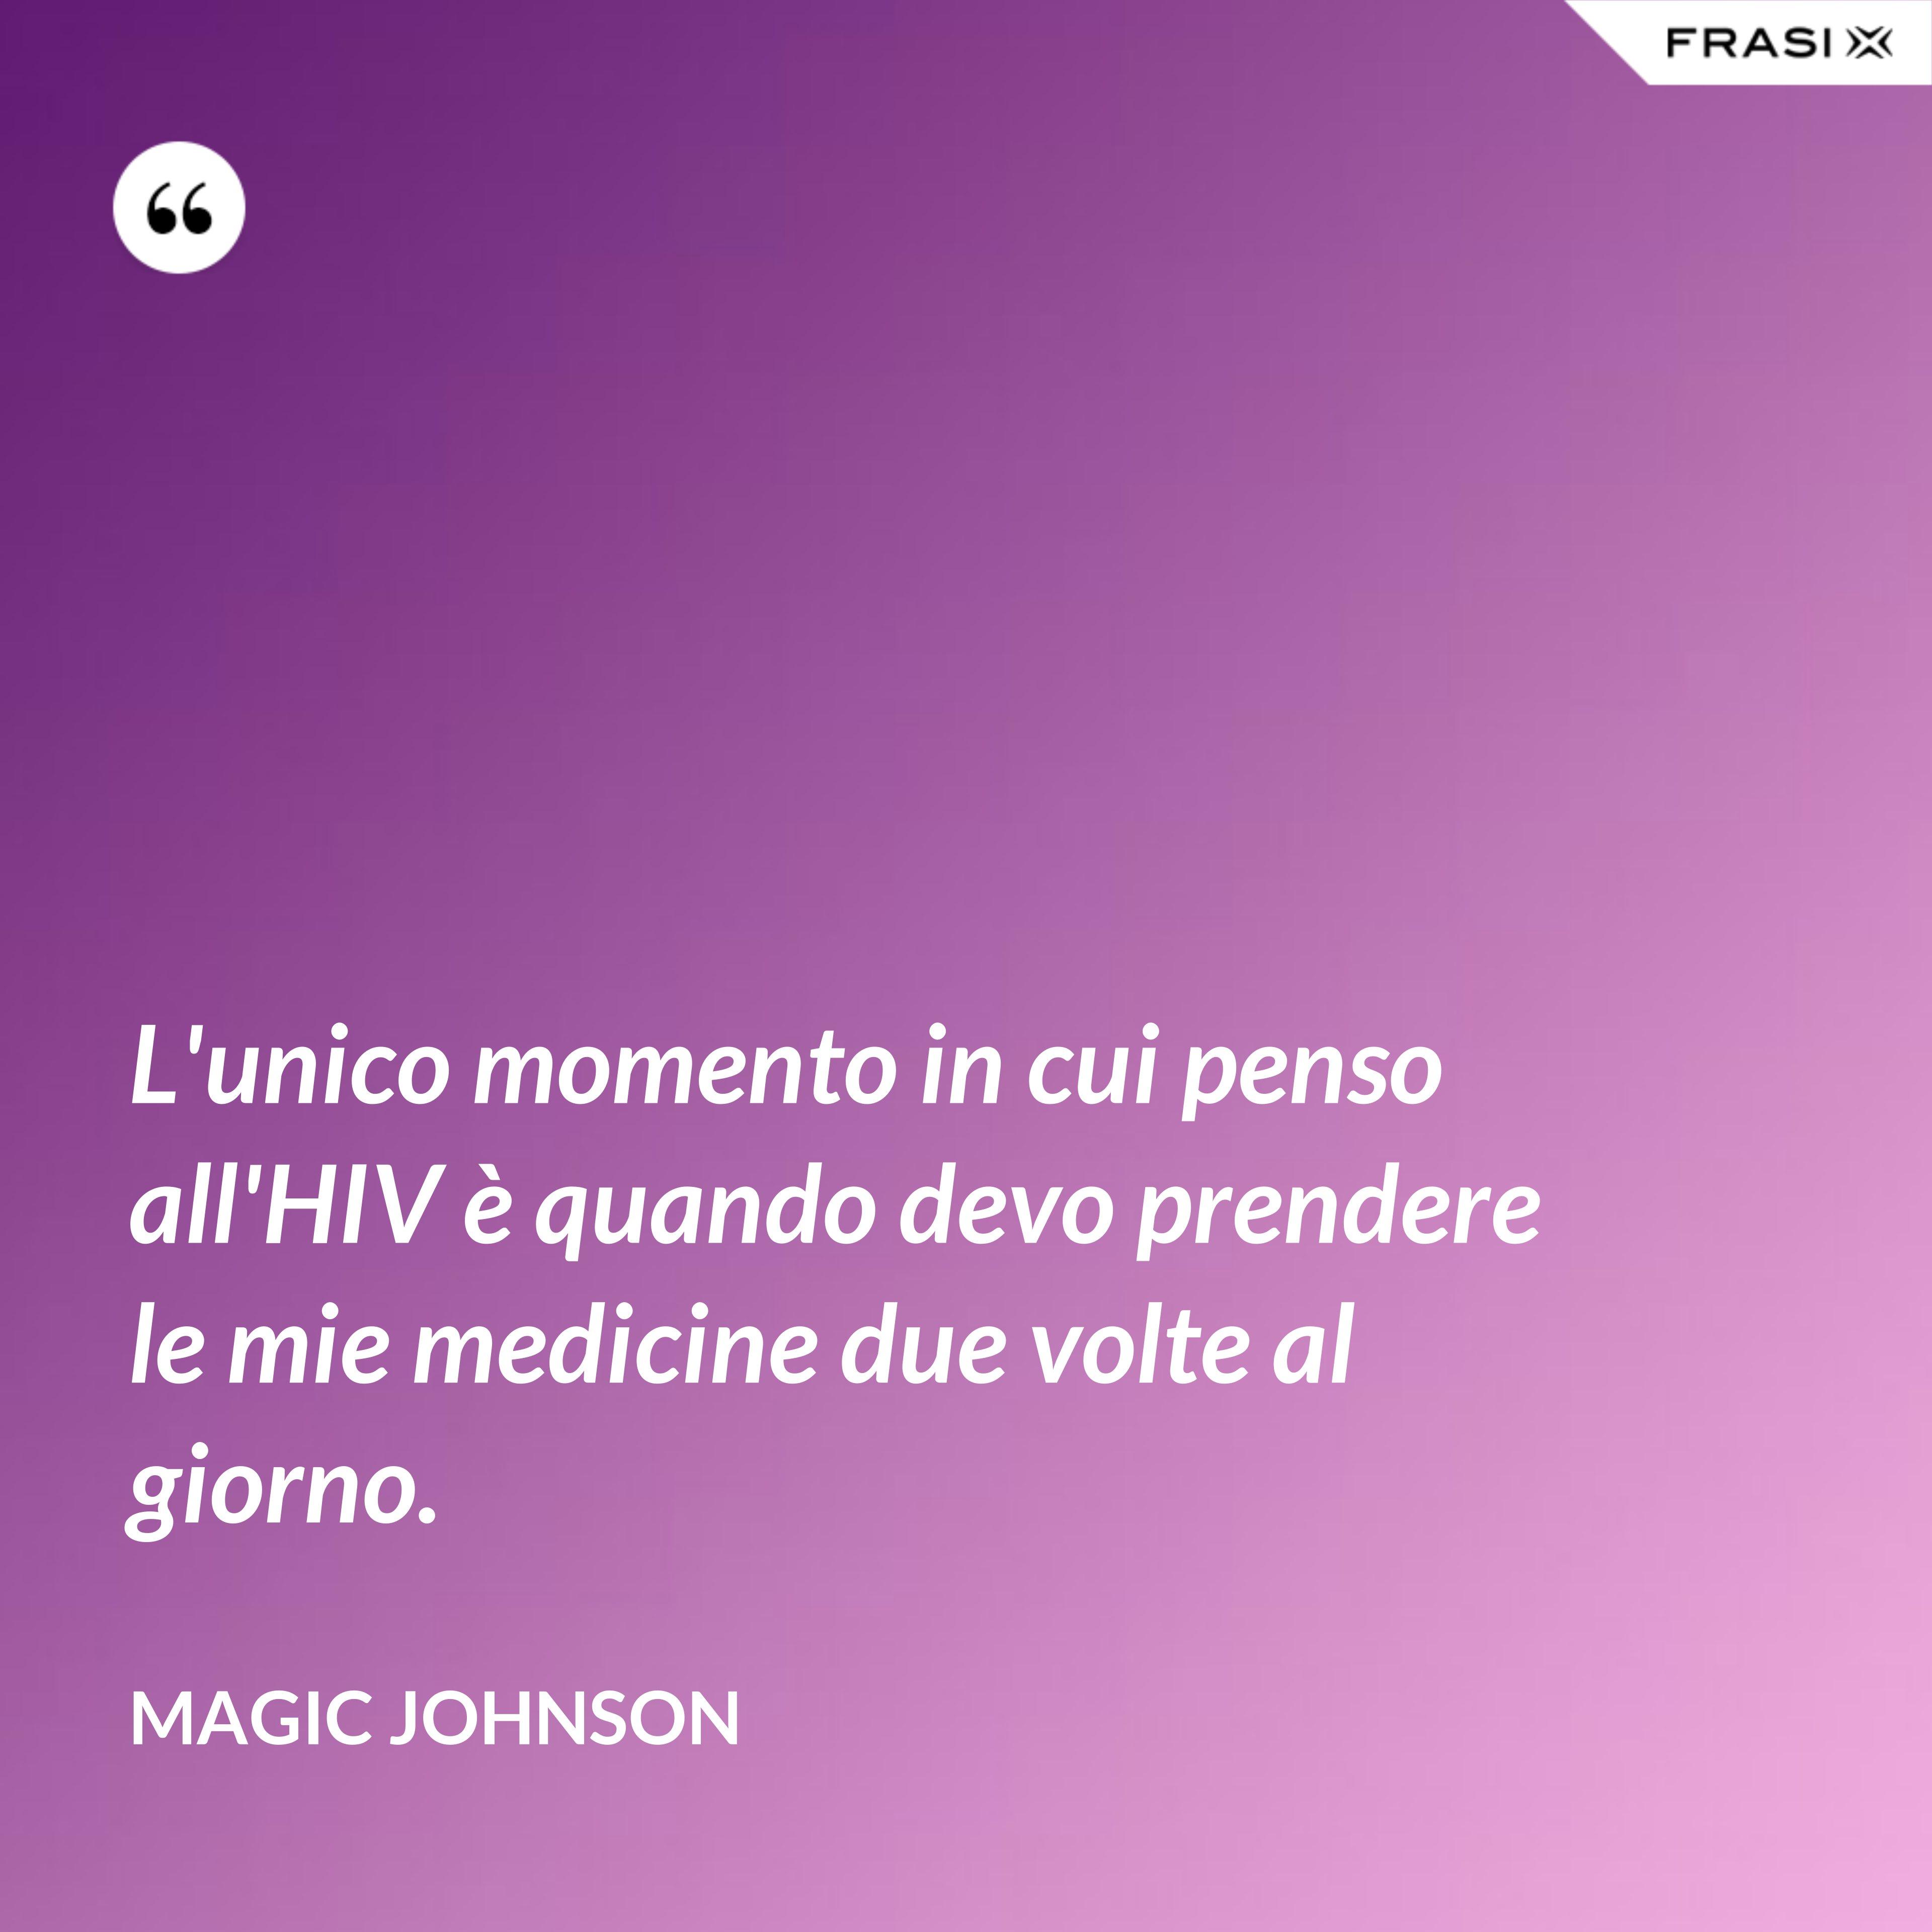 L'unico momento in cui penso all'HIV è quando devo prendere le mie medicine due volte al giorno. - Magic Johnson